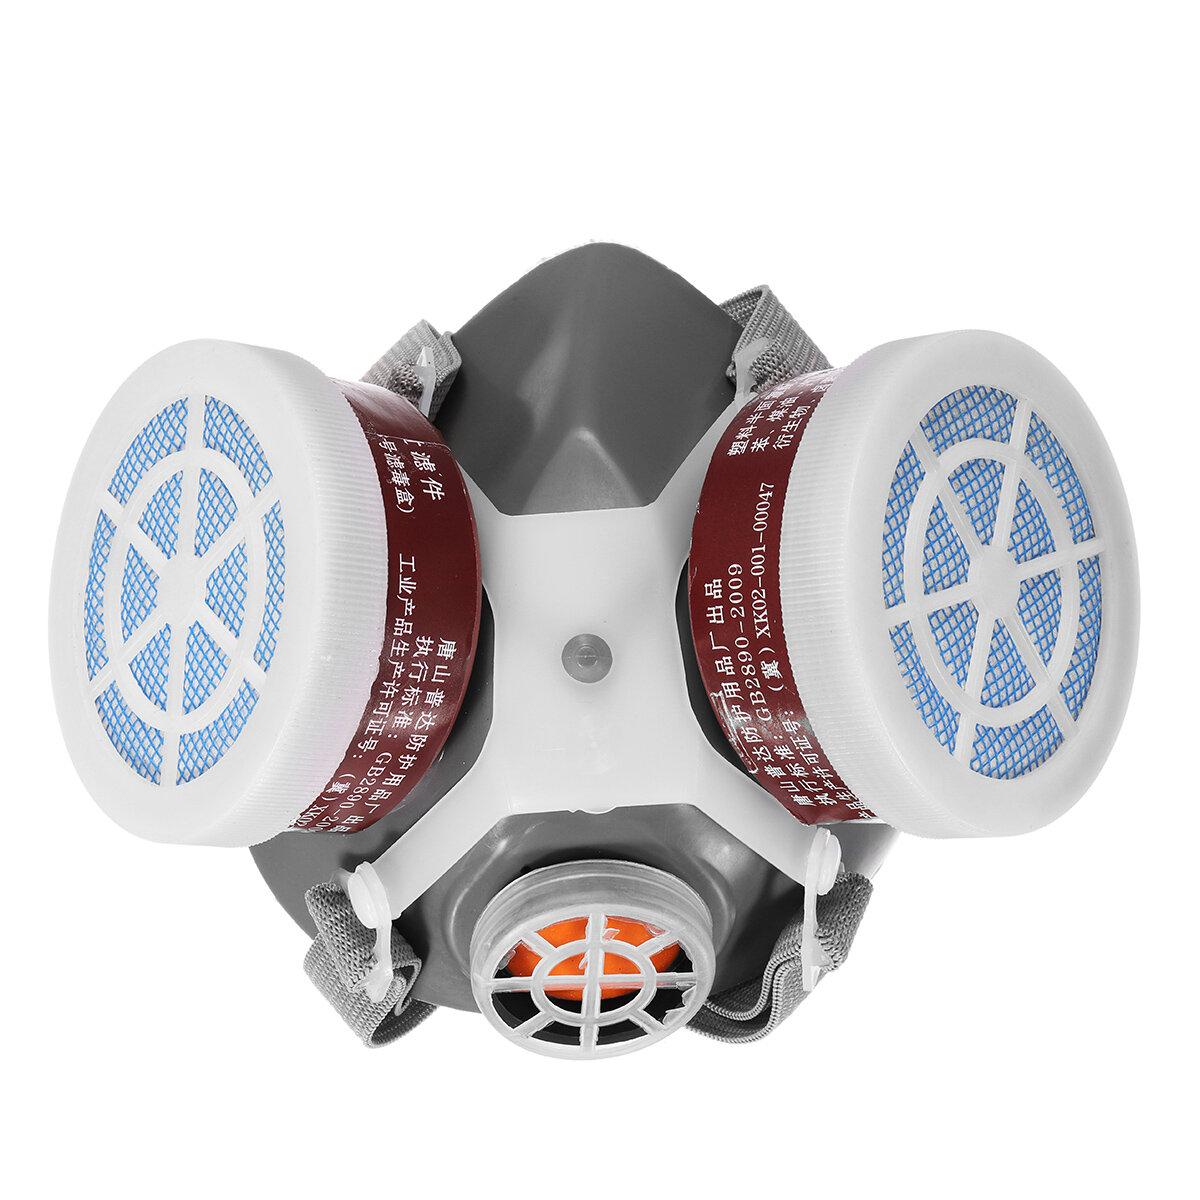 セーフティレスピレータガスマスク安全性化学防塵フィルタ軍事作業場の安全保護